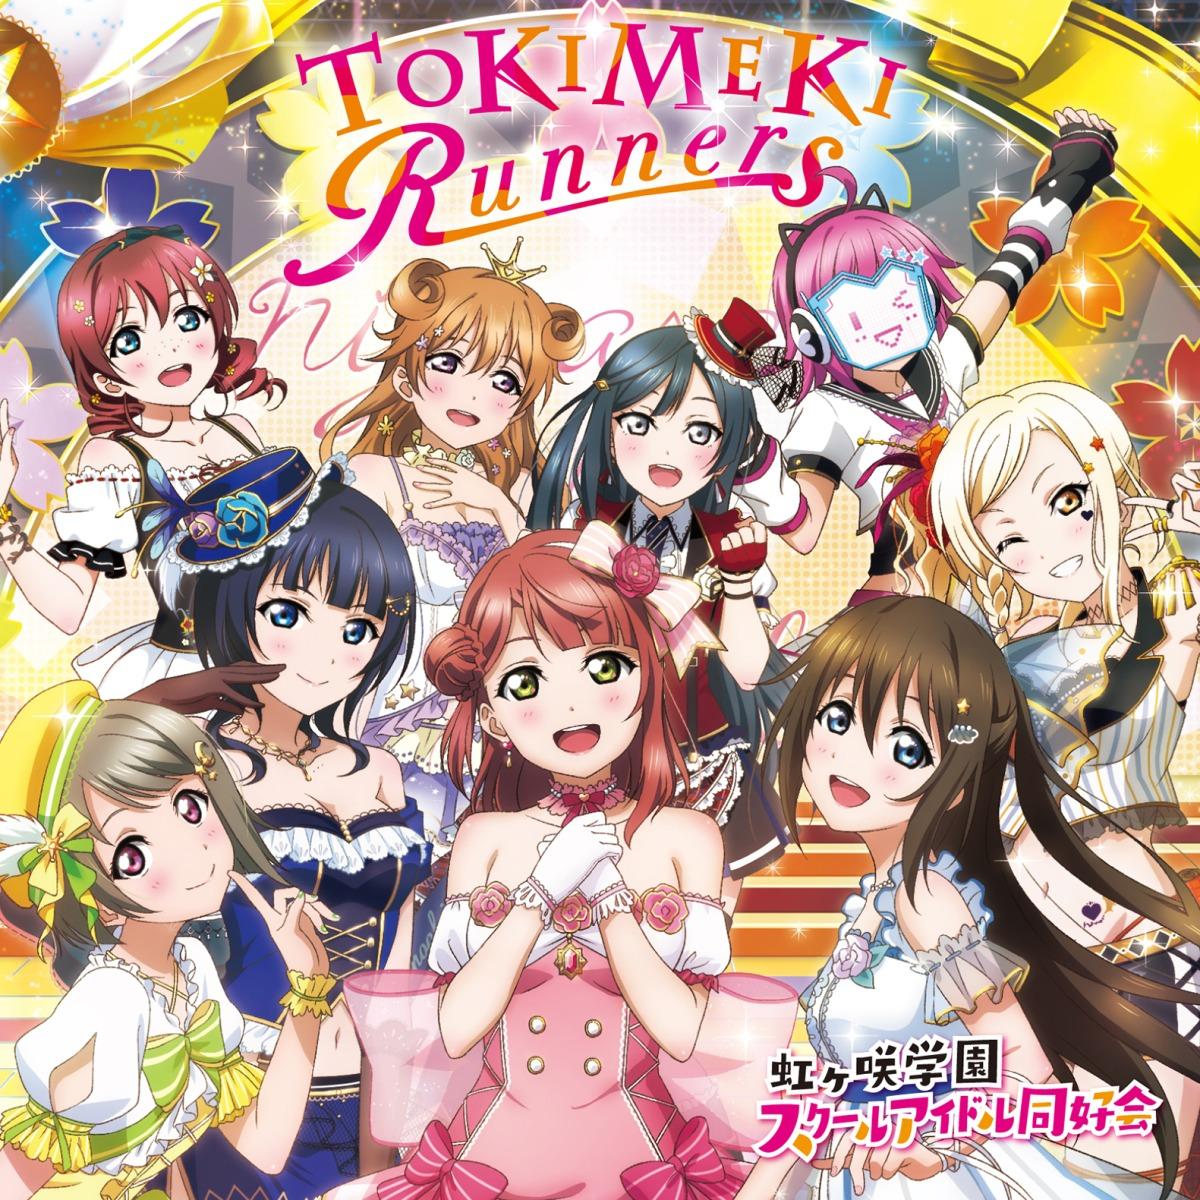 TOKIMEKI Runners | Love Live! Wiki | FANDOM powered by Wikia